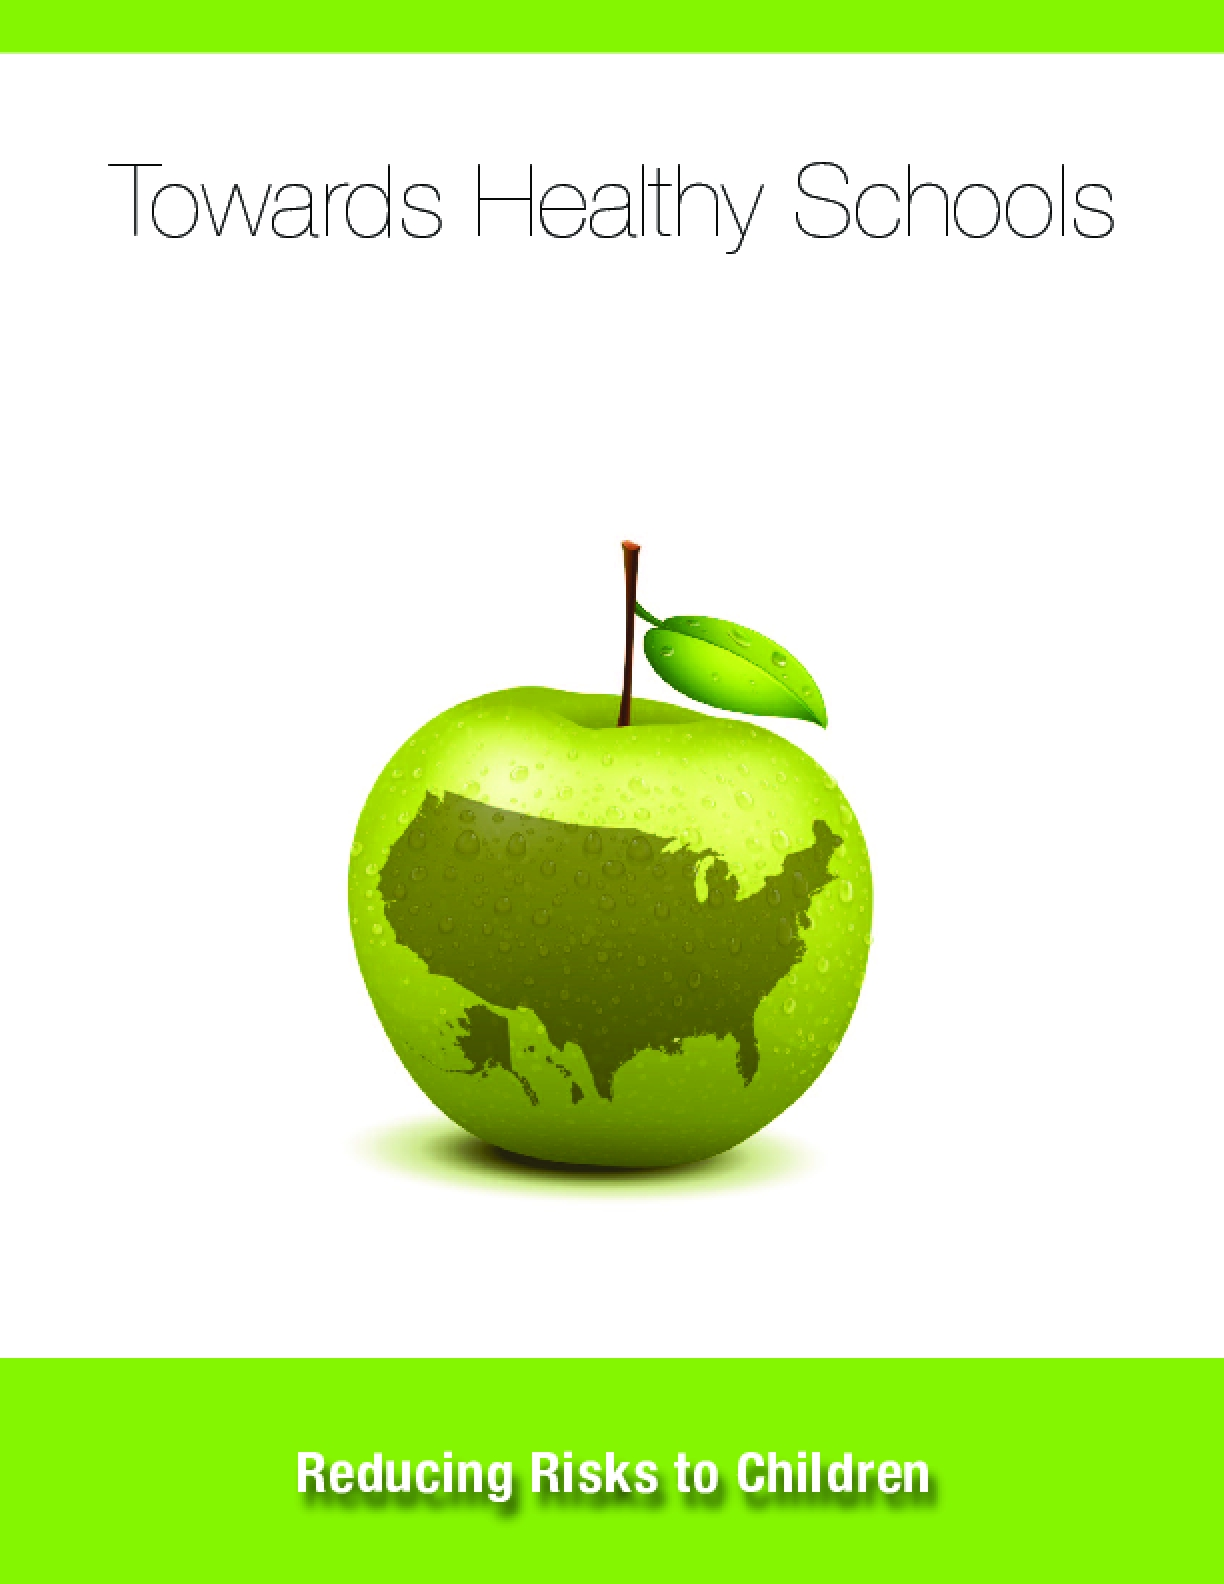 Towards Healthy Schools: Reducing Risks to Children